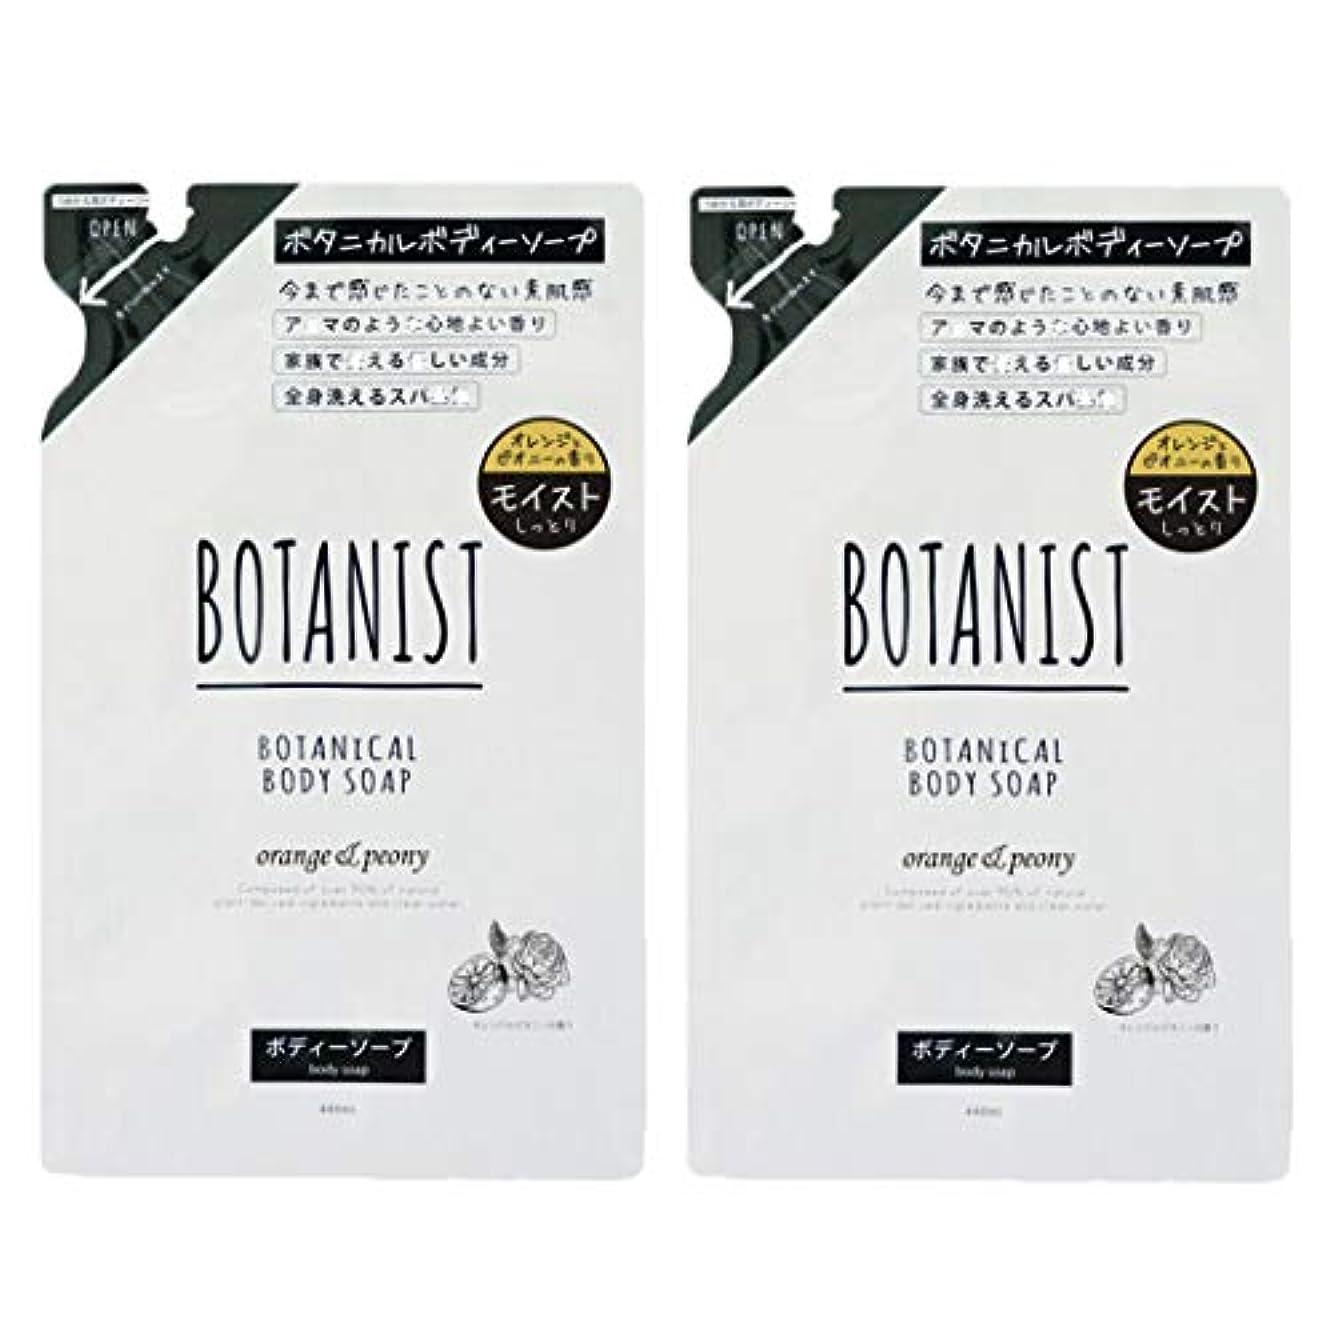 だます外向き消費者【詰め替えセット】BOTANIST ボタニスト ボタニカル ボディーソープ モイスト 440ml オレンジ&ピオニー 詰め替え 2パックセット